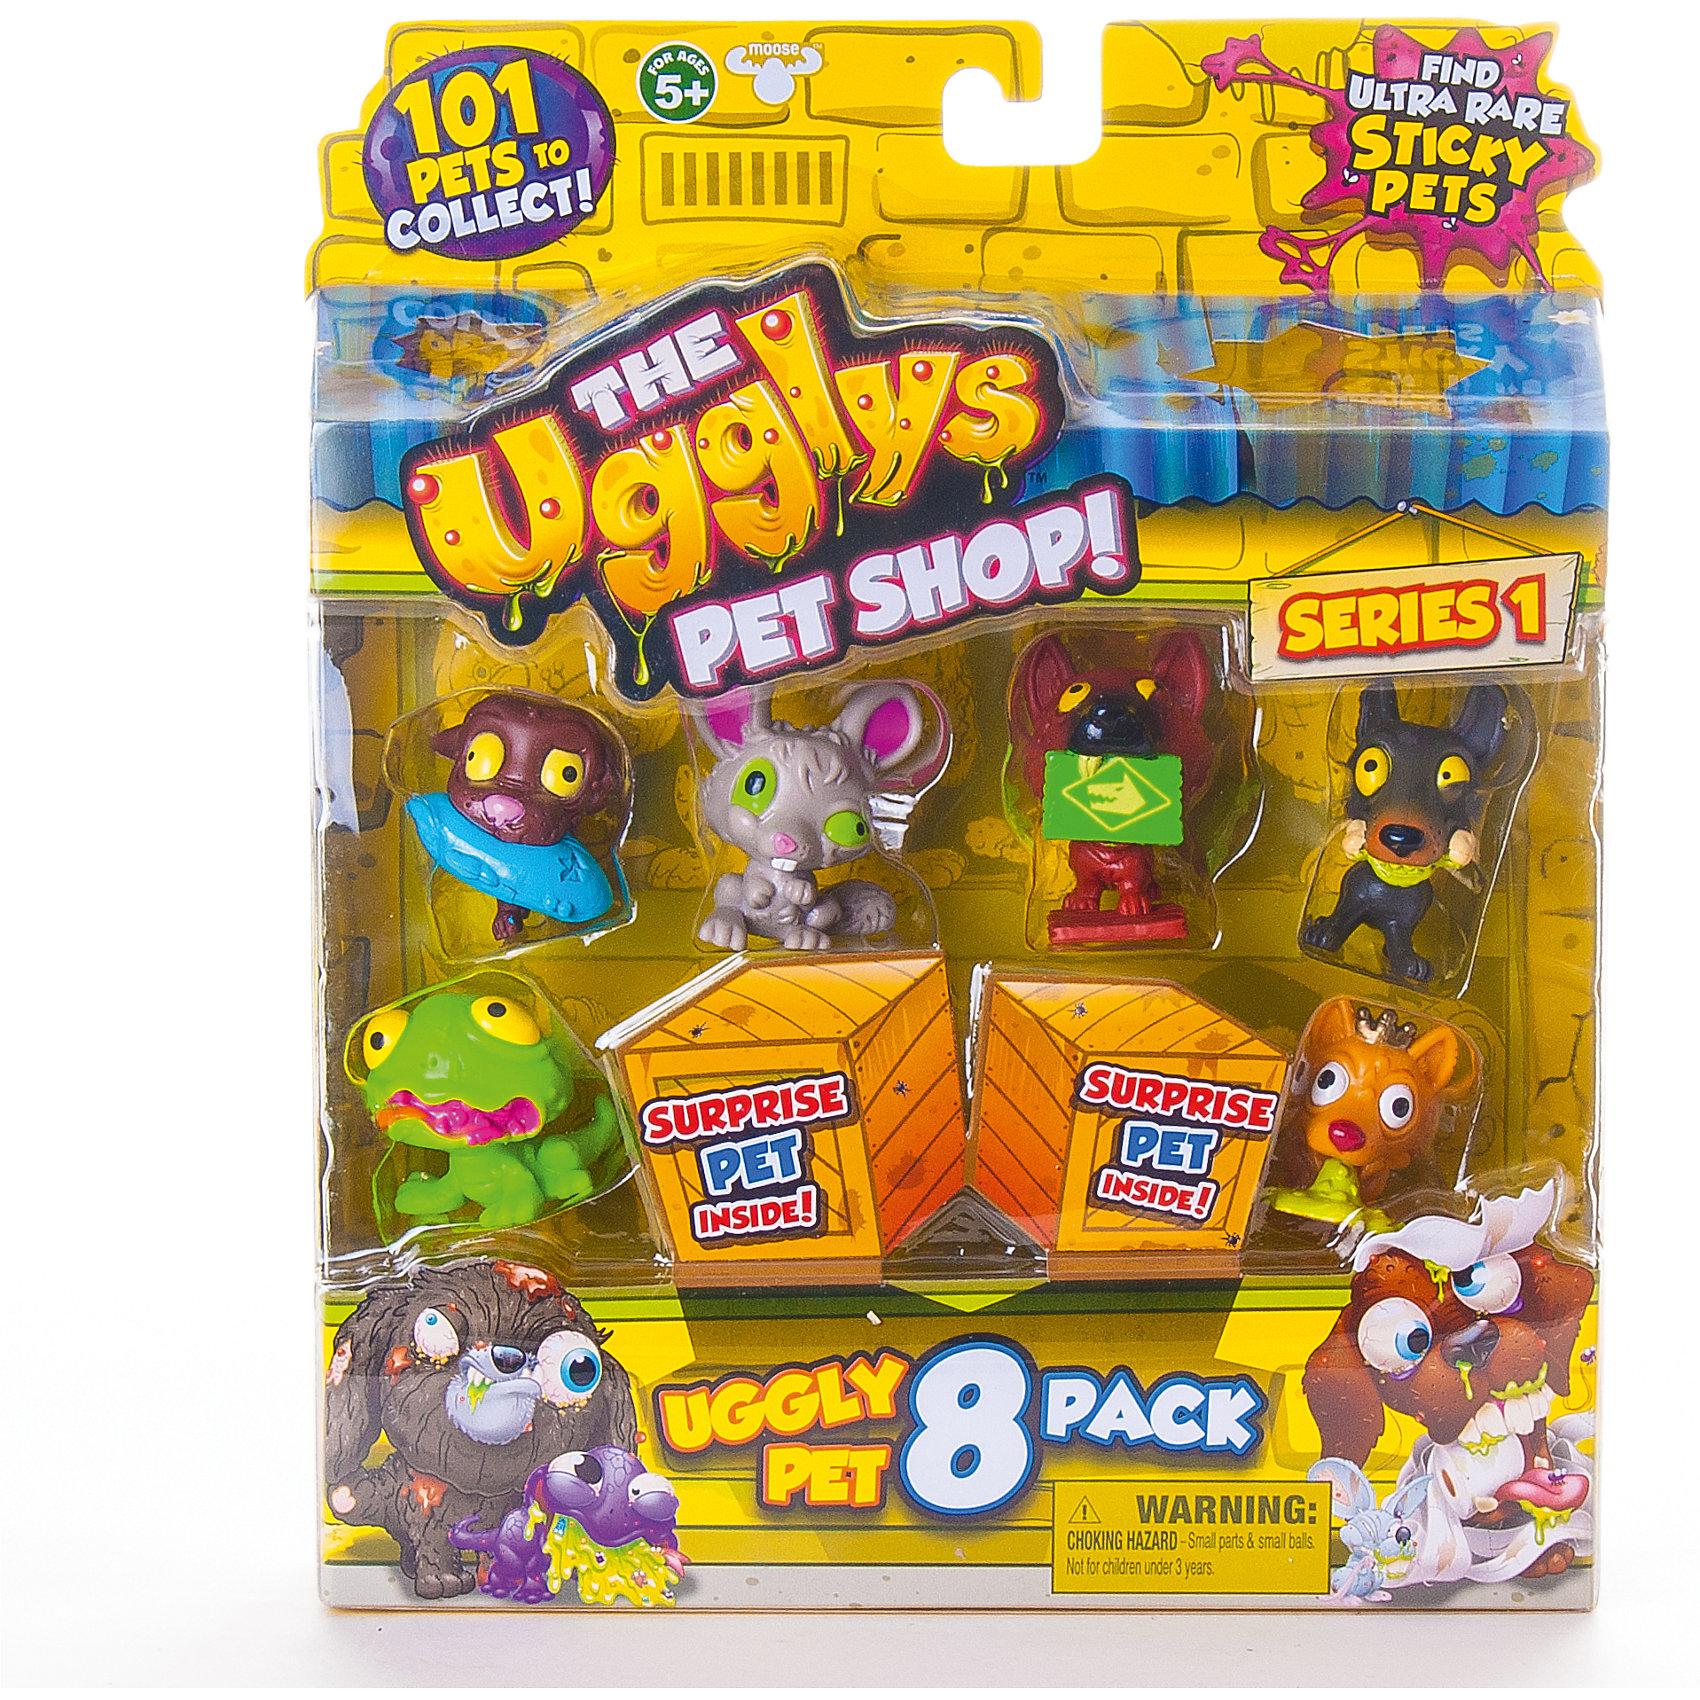 8 фигурок, Ugglys Pet Shop, в ассортиментеФигурки героев<br>8 фигурок, Ugglys Pet Shop, в ассортименте – это настоящая находка для юной любительницы хулиганских питомцев.<br>Большой блистер с 8 питомцами из серии Хулиганские питомцы. Шесть из 8 фигурок видно сразу, 2 скрыты в картонных ящиках и попадаются случайно. Это неплохая возможность пополнить свою коллекцию Хулиганских животных редкой или супер редкой миниатюрой. Всего коллекция состоит из 101 фигурки питомцев, застуканных в не самый простой момент их жизни. Гротескные хулиганские игрушки изображают больных, грязных и просто уродливых питомцев. И тем не менее, в них есть некое своеобразное очарование. В серии встречаются и собачки, и кошечки, и птички и, даже, жабы! Также есть возможность получения уникальной золотой собачьей «каки». Все фигурки изготовлены из экологически безопасных материалов, приятных наощупь.<br><br>Дополнительная информация:<br><br>- В наборе: 8 фигурок<br>- Материал: высококачественная пластмасса, прорезиненный материал<br>- Размер упаковки: 190х230х45 мм.<br>- Вес: 254 гр.<br><br>- ВНИМАНИЕ! Данный артикул представлен в разных вариантах исполнения. К сожалению, заранее выбрать определенный вариант невозможно. При заказе нескольких наборов возможно получение одинаковых<br><br>8 фигурок, Ugglys Pet Shop, в ассортименте можно купить в нашем интернет-магазине.<br><br>Ширина мм: 190<br>Глубина мм: 230<br>Высота мм: 45<br>Вес г: 254<br>Возраст от месяцев: 60<br>Возраст до месяцев: 144<br>Пол: Унисекс<br>Возраст: Детский<br>SKU: 4401527